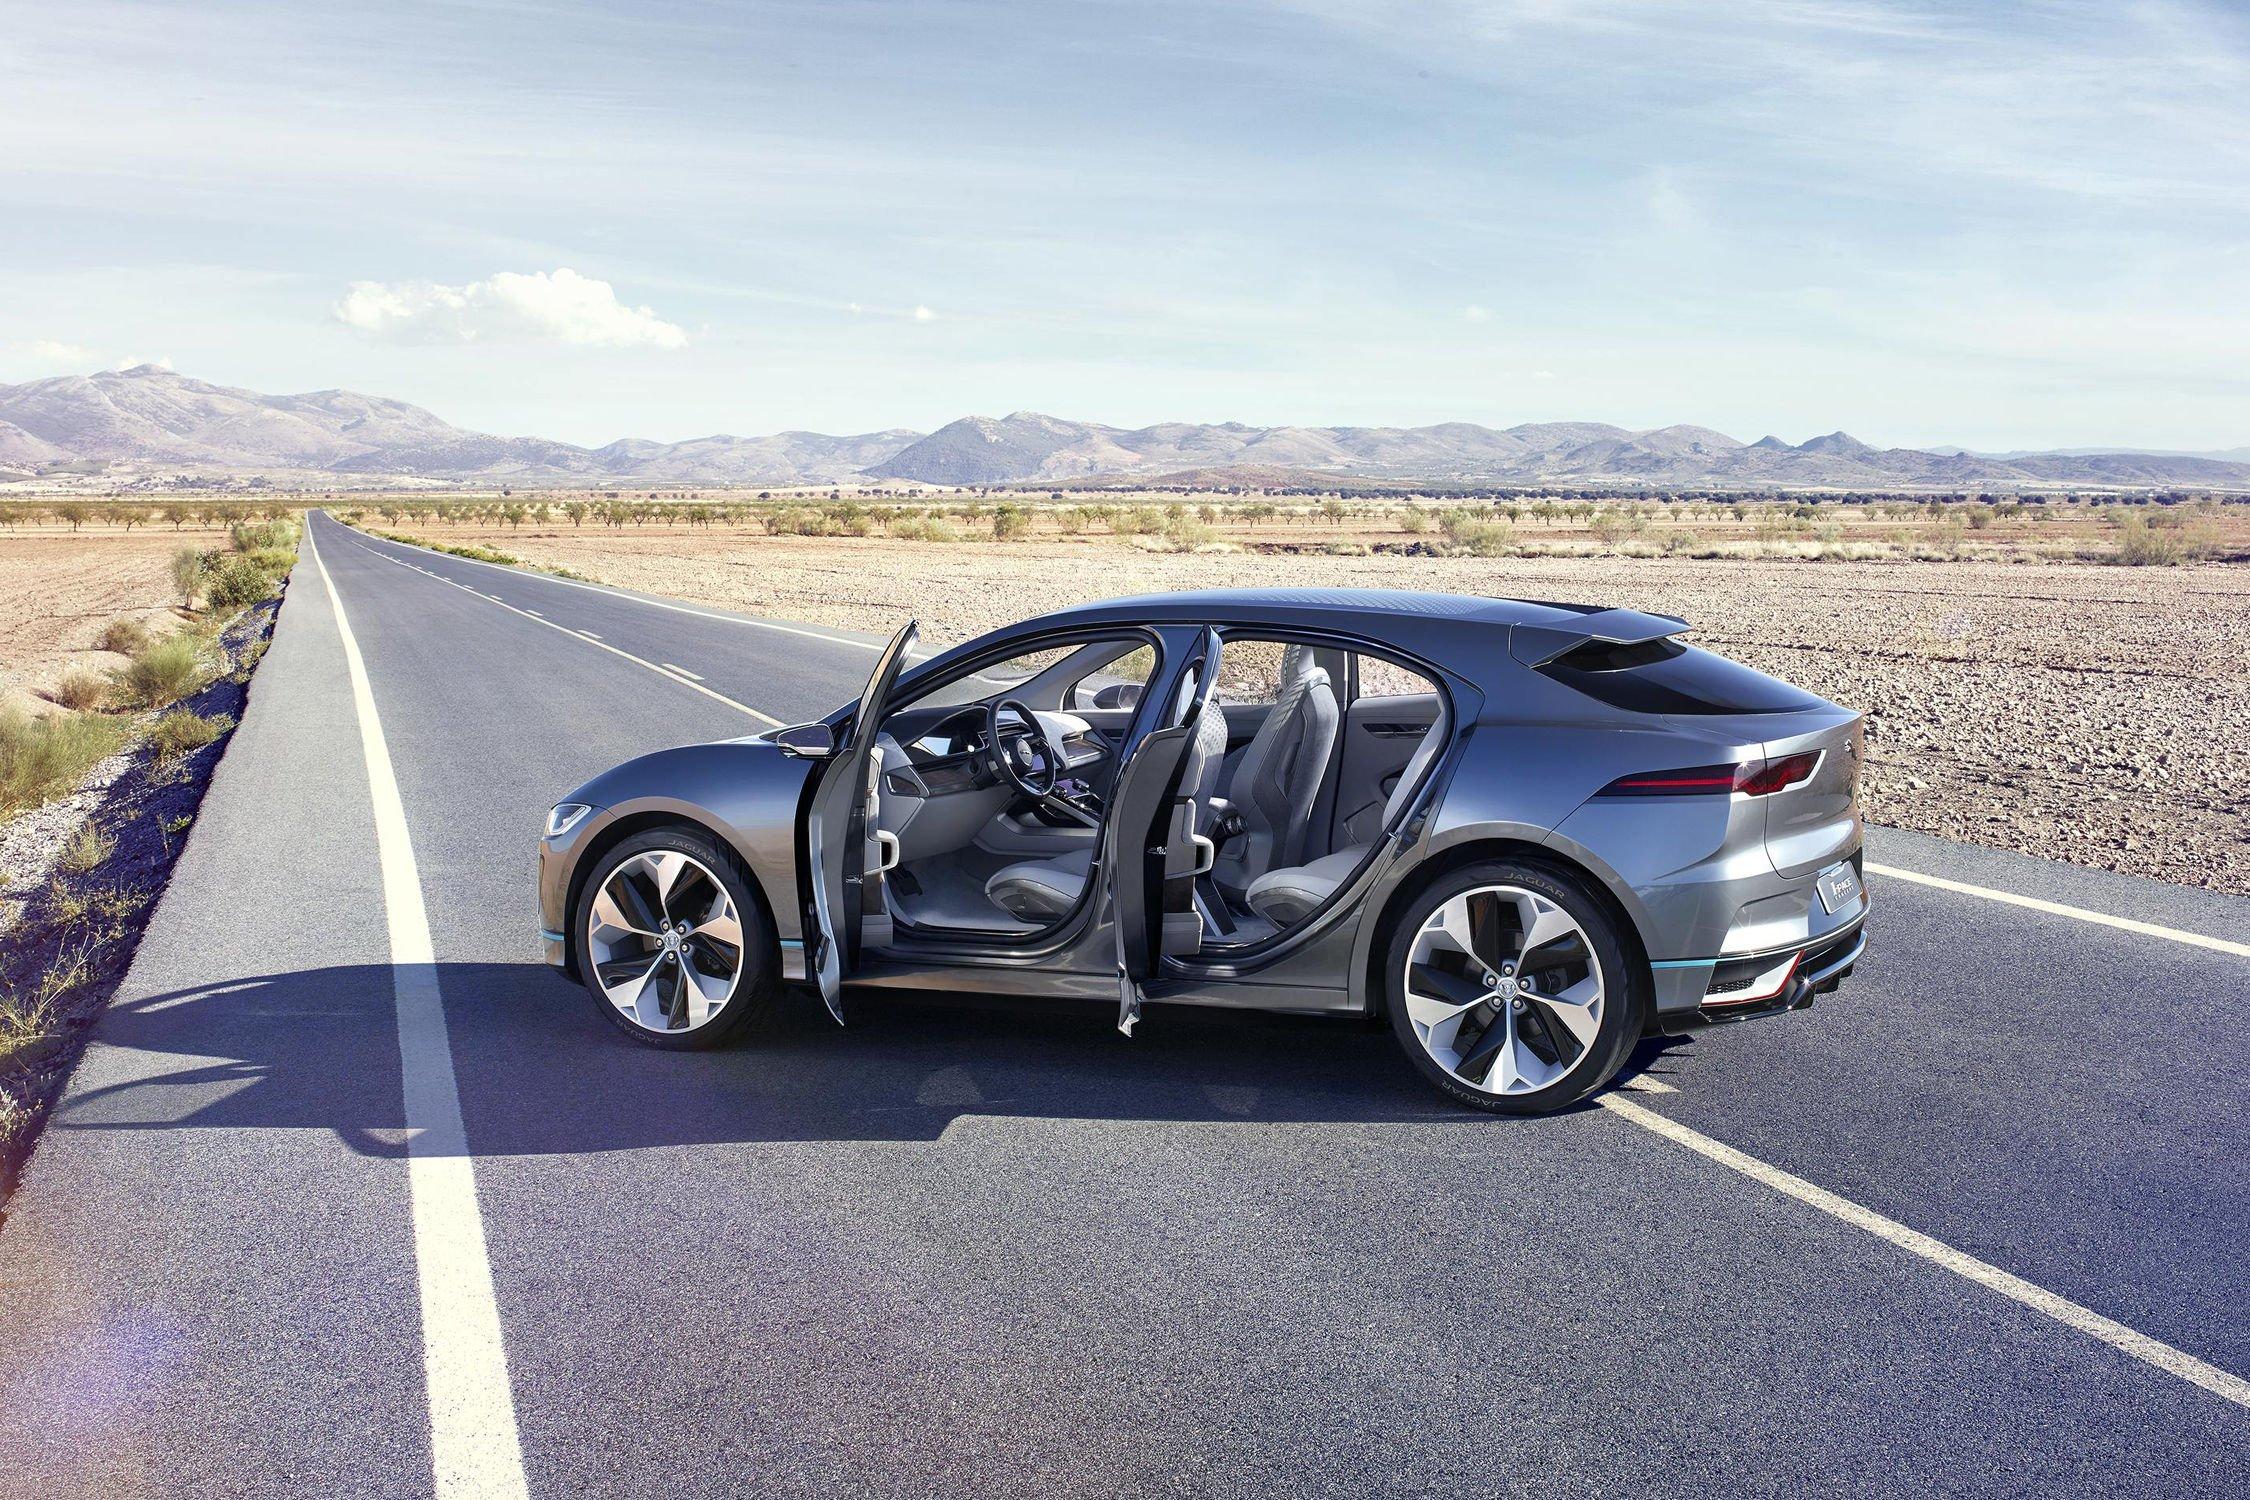 jaguar-devoile-son-concept-i-pace-15011-1-P